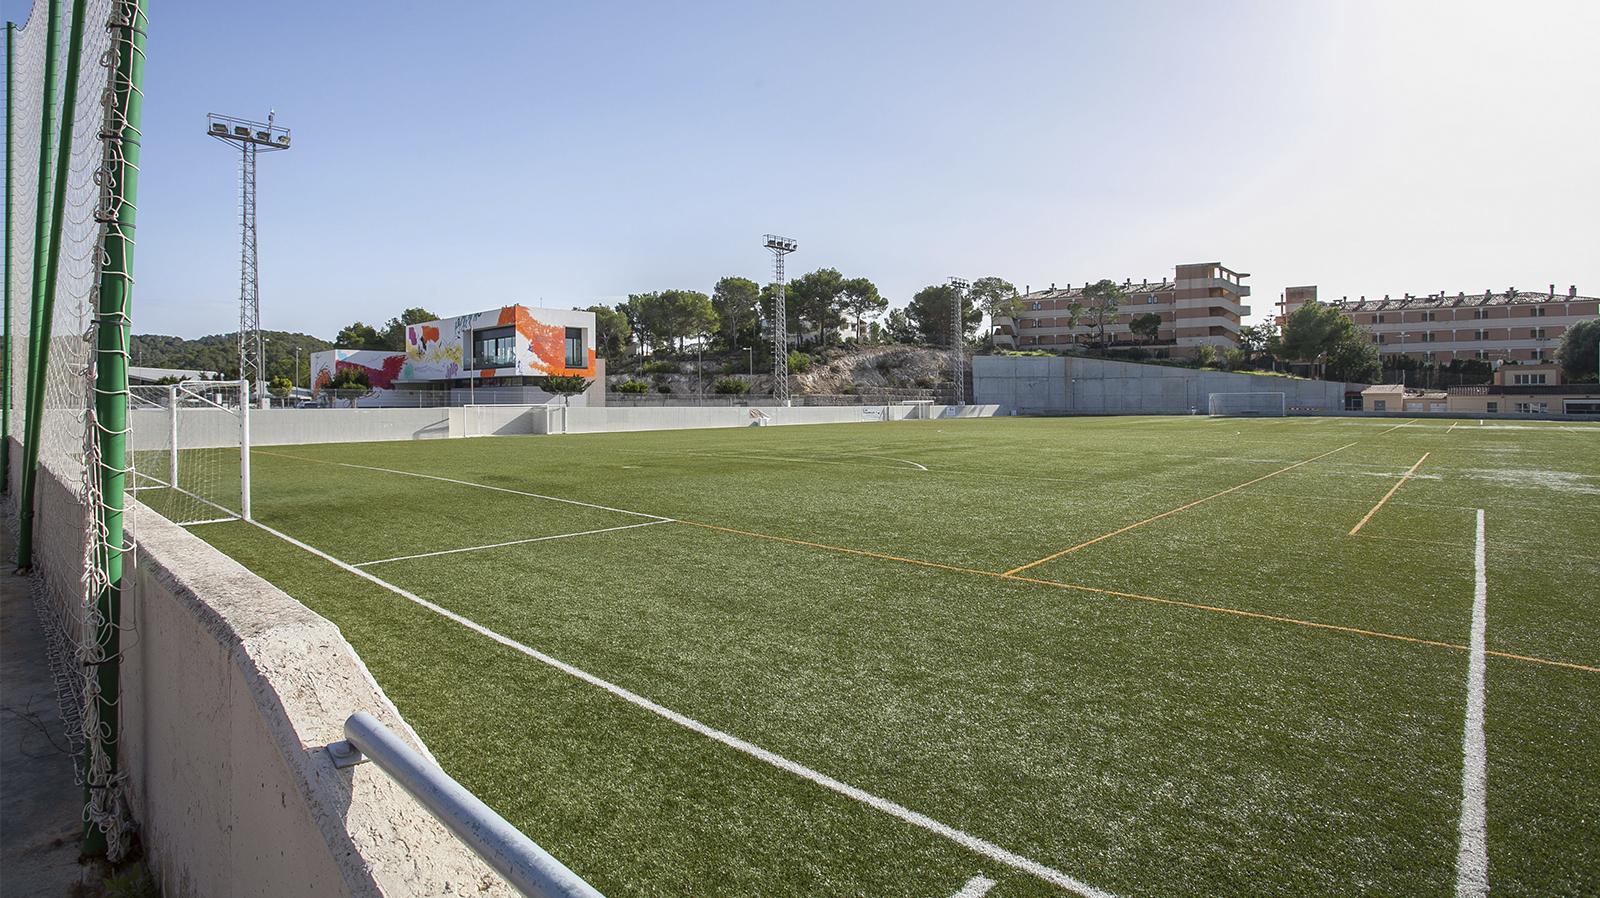 Entrenar y competir en fútbol en Mallorca. football training camps in Peguera Mallorca. Entrenar fútbol en Mallorca